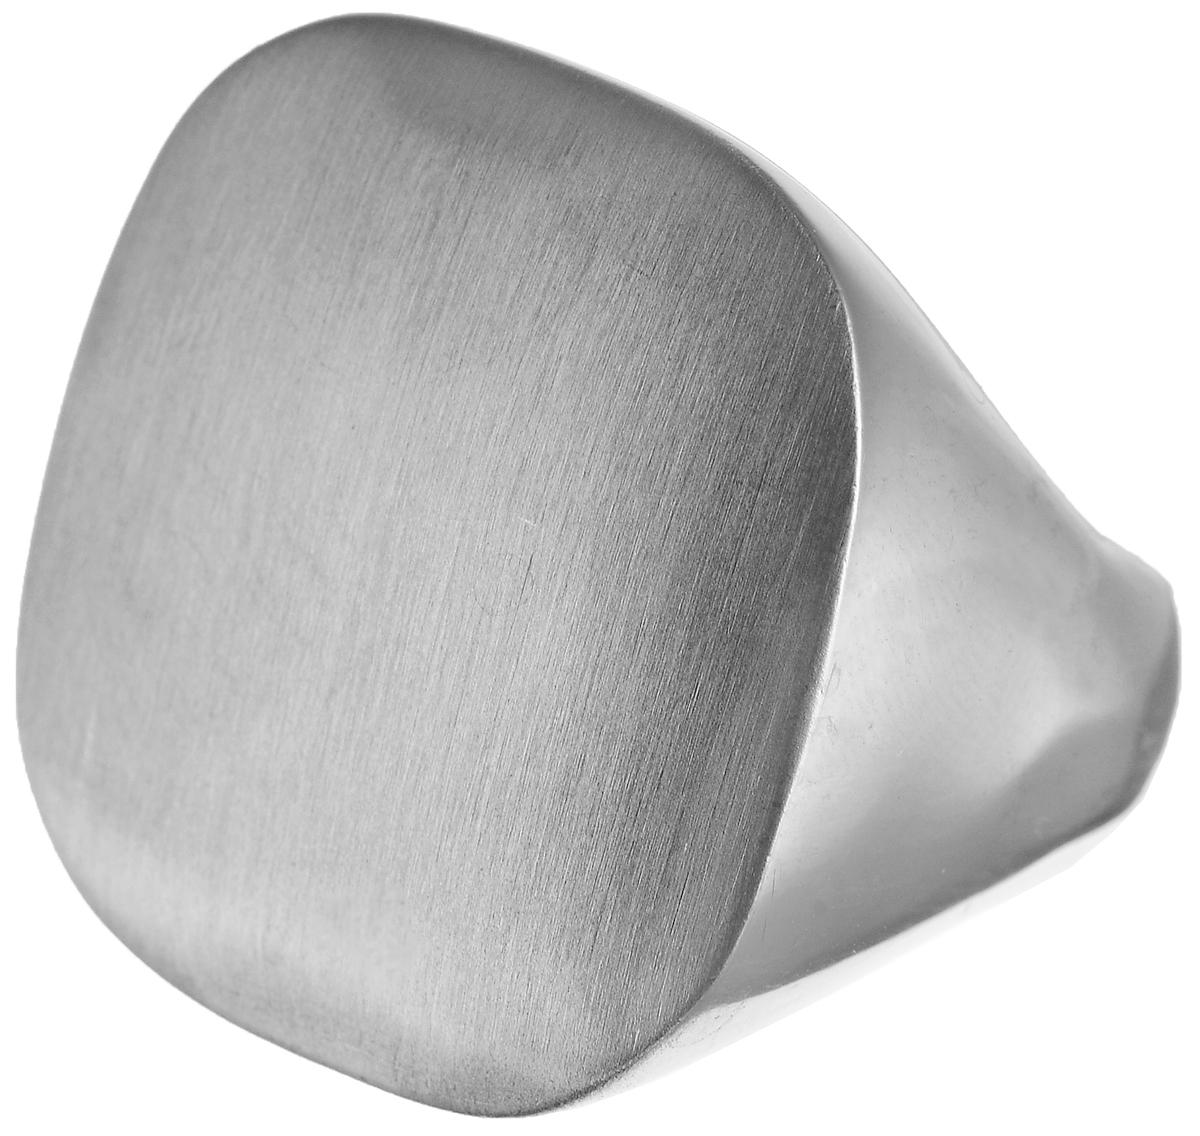 Кольцо Polina Selezneva, цвет: серебристый. DG-0012. Размер 20Коктейльное кольцоОригинальное кольцо Polina Selezneva выполнено из металлического сплава. Оформлено изделие в форме квадрата с закругленными краями. Такое кольцо это блестящее завершение вашего неповторимого, смелого образа и отличный подарок для ценительницы необычных украшений!